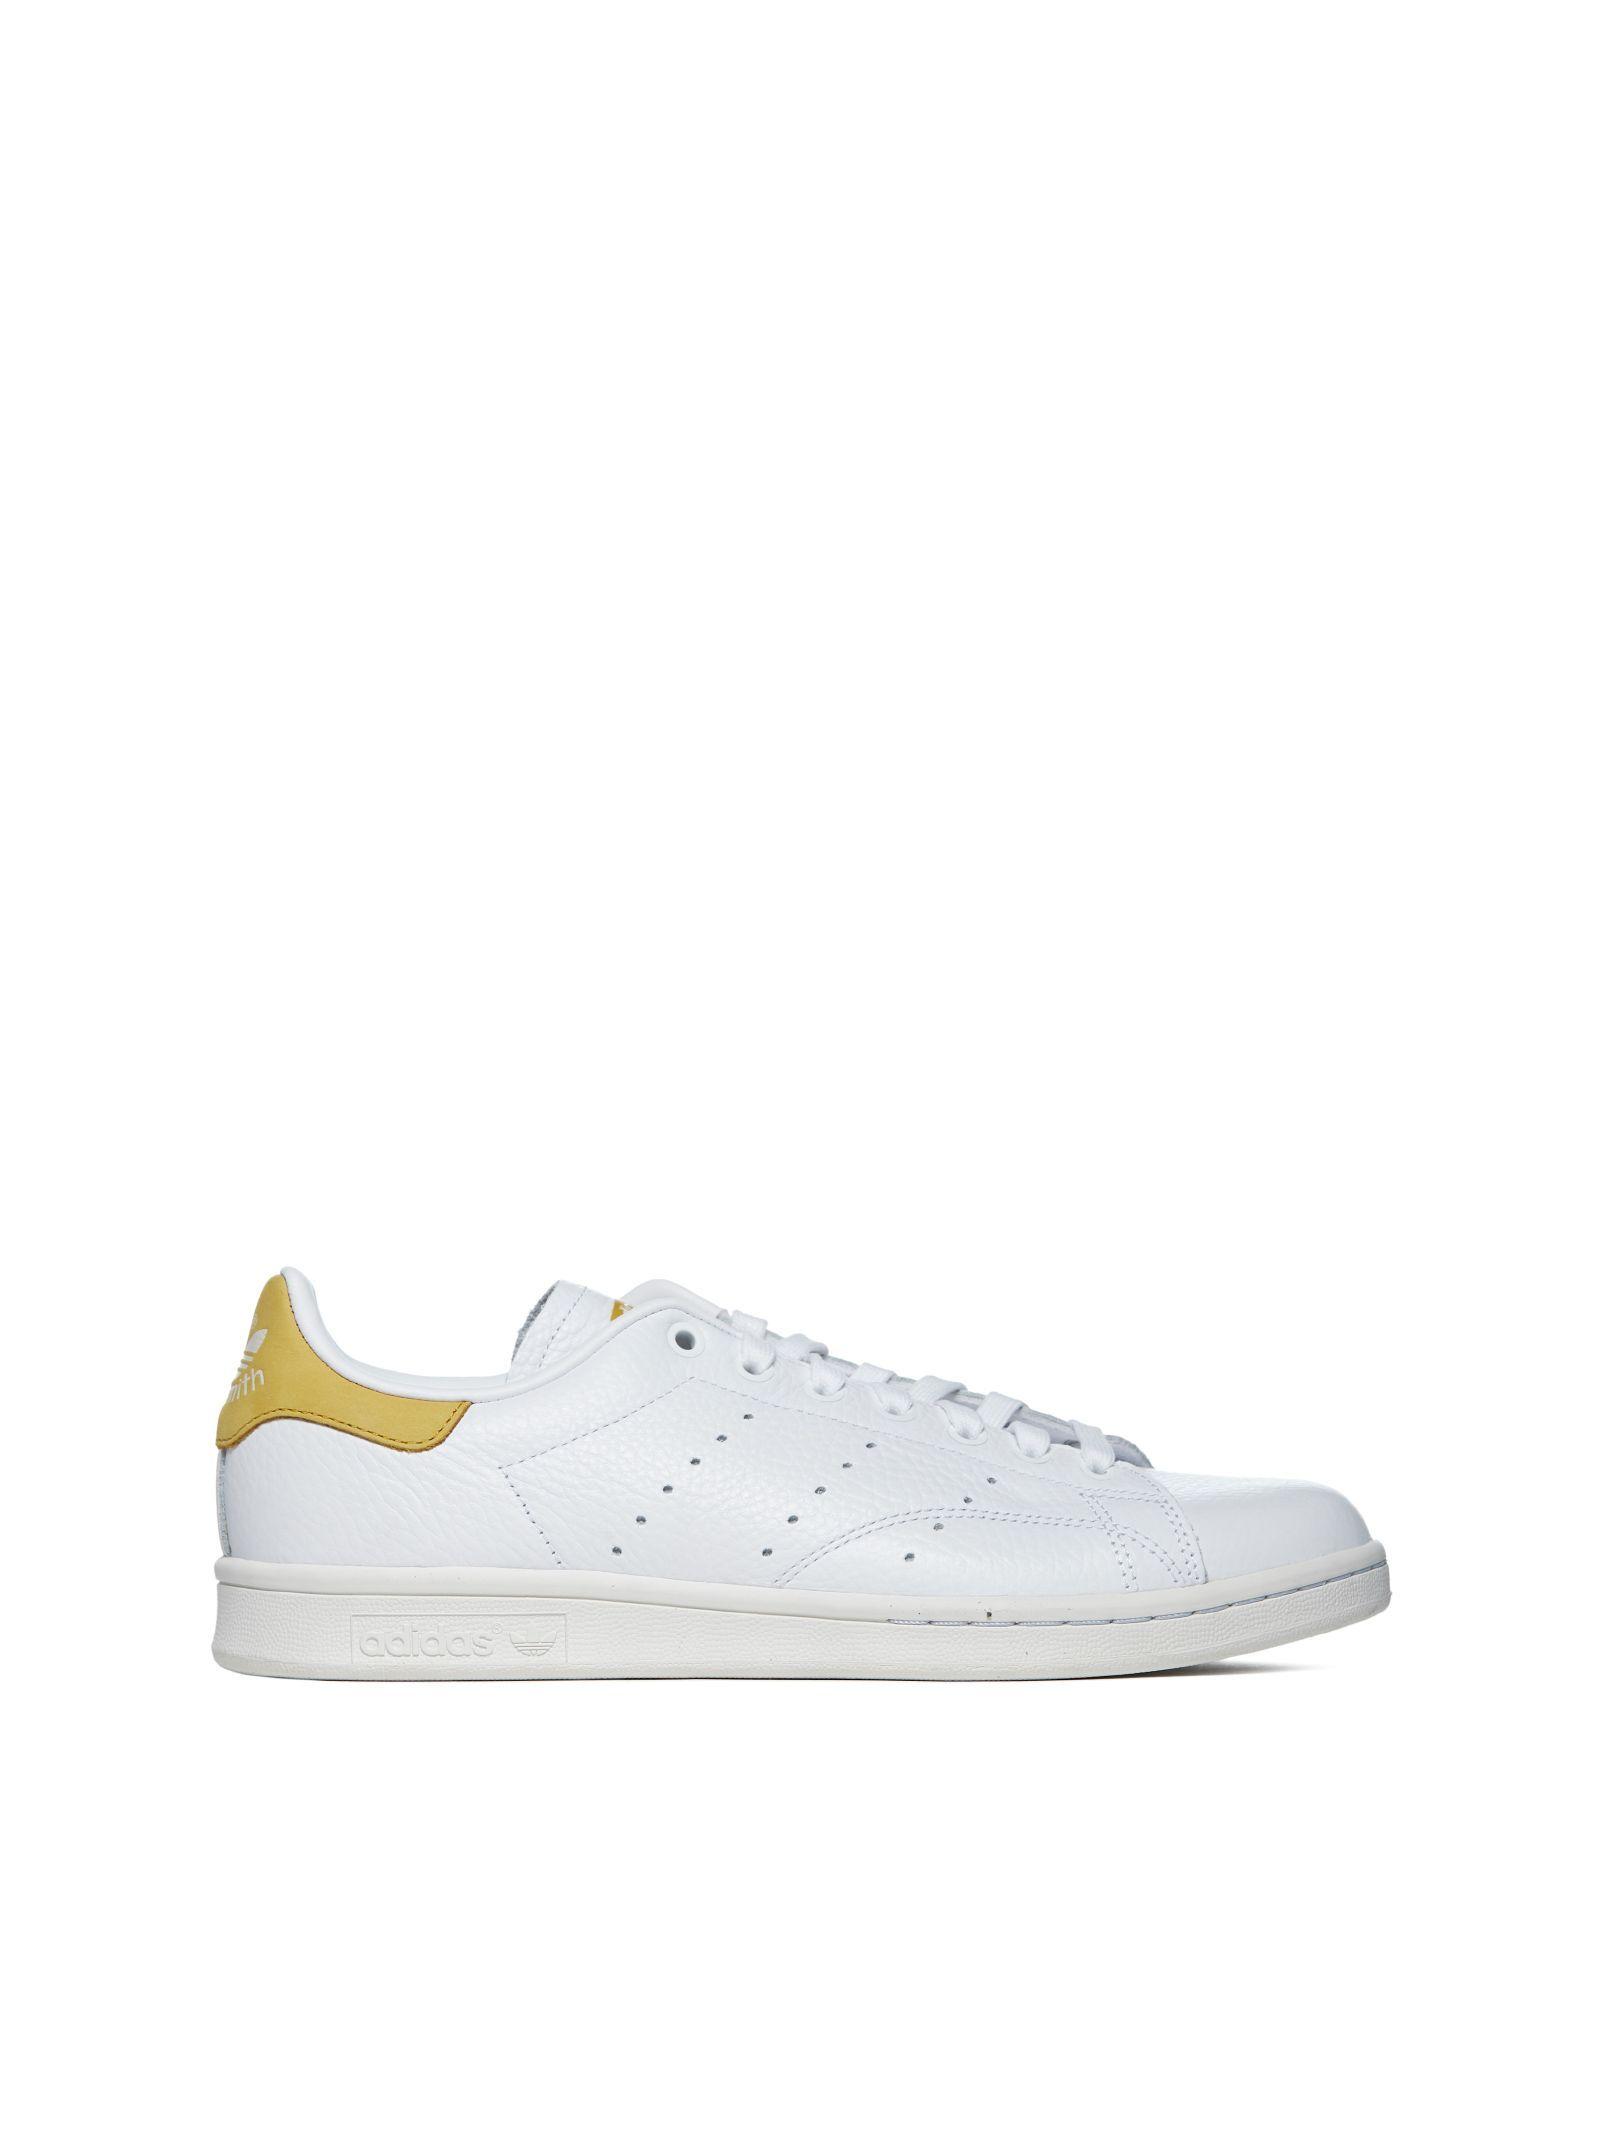 half off 58176 4cb49 ADIDAS ORIGINALS STAN SMITH SNEAKERS.  adidasoriginals  shoes